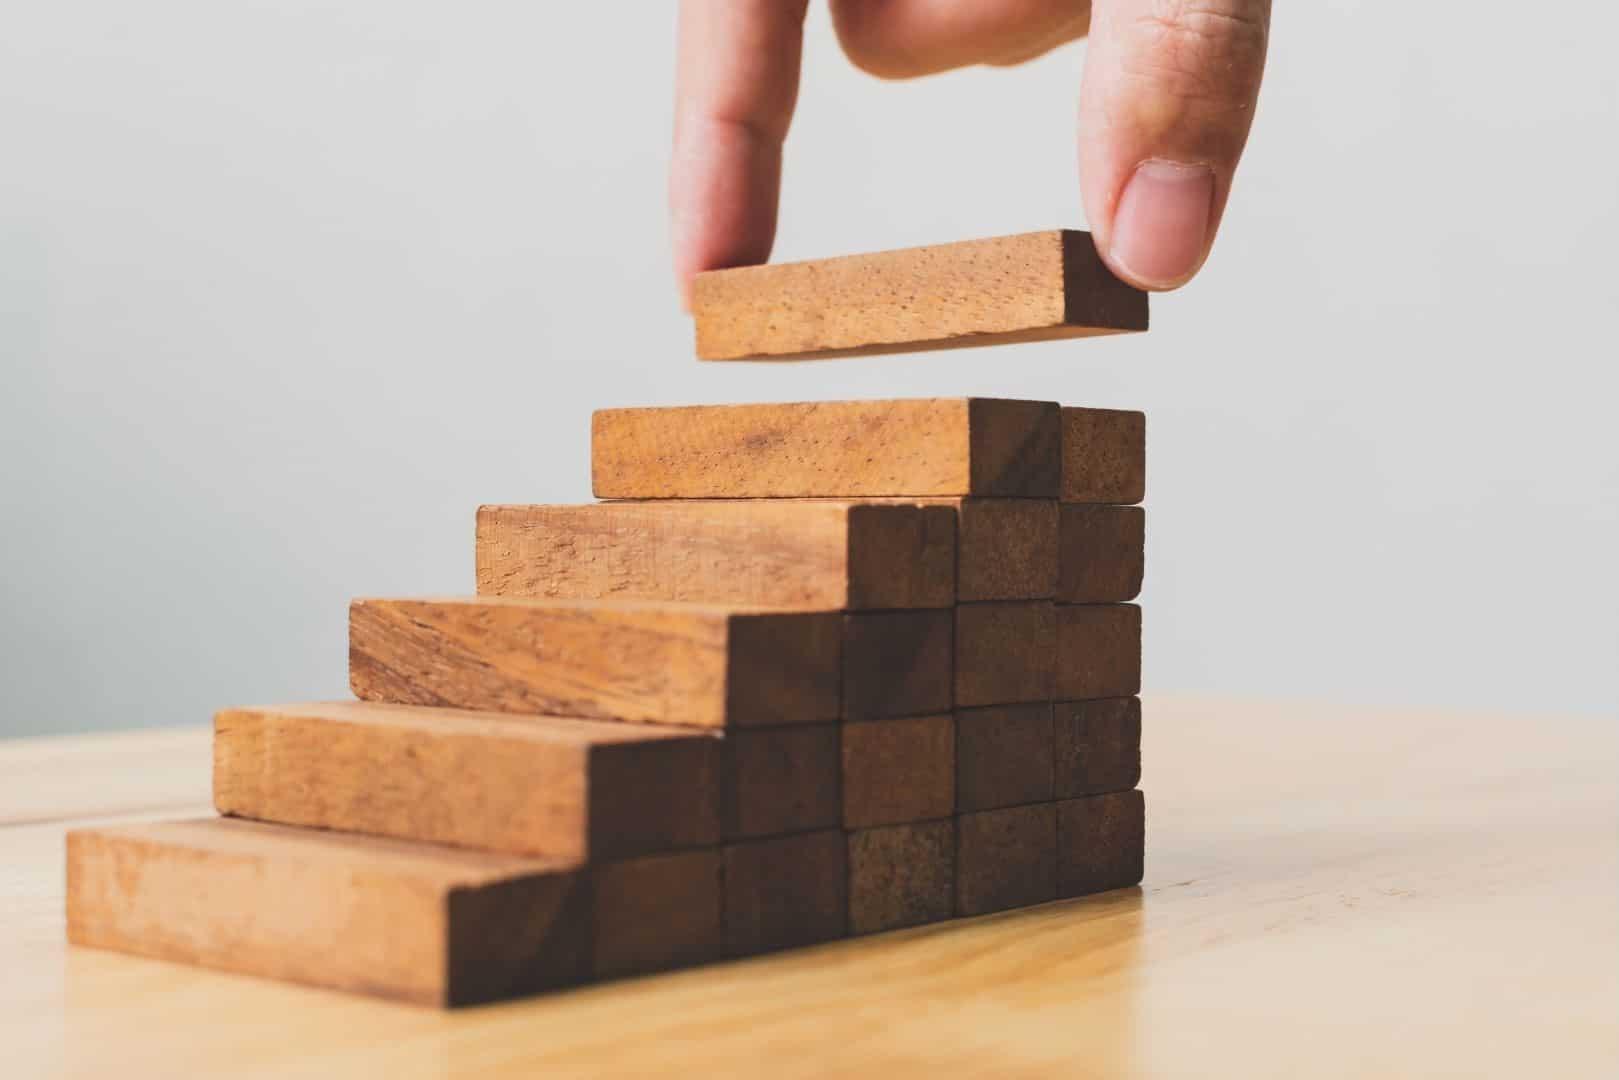 escada sendo construída com blocos de madeira